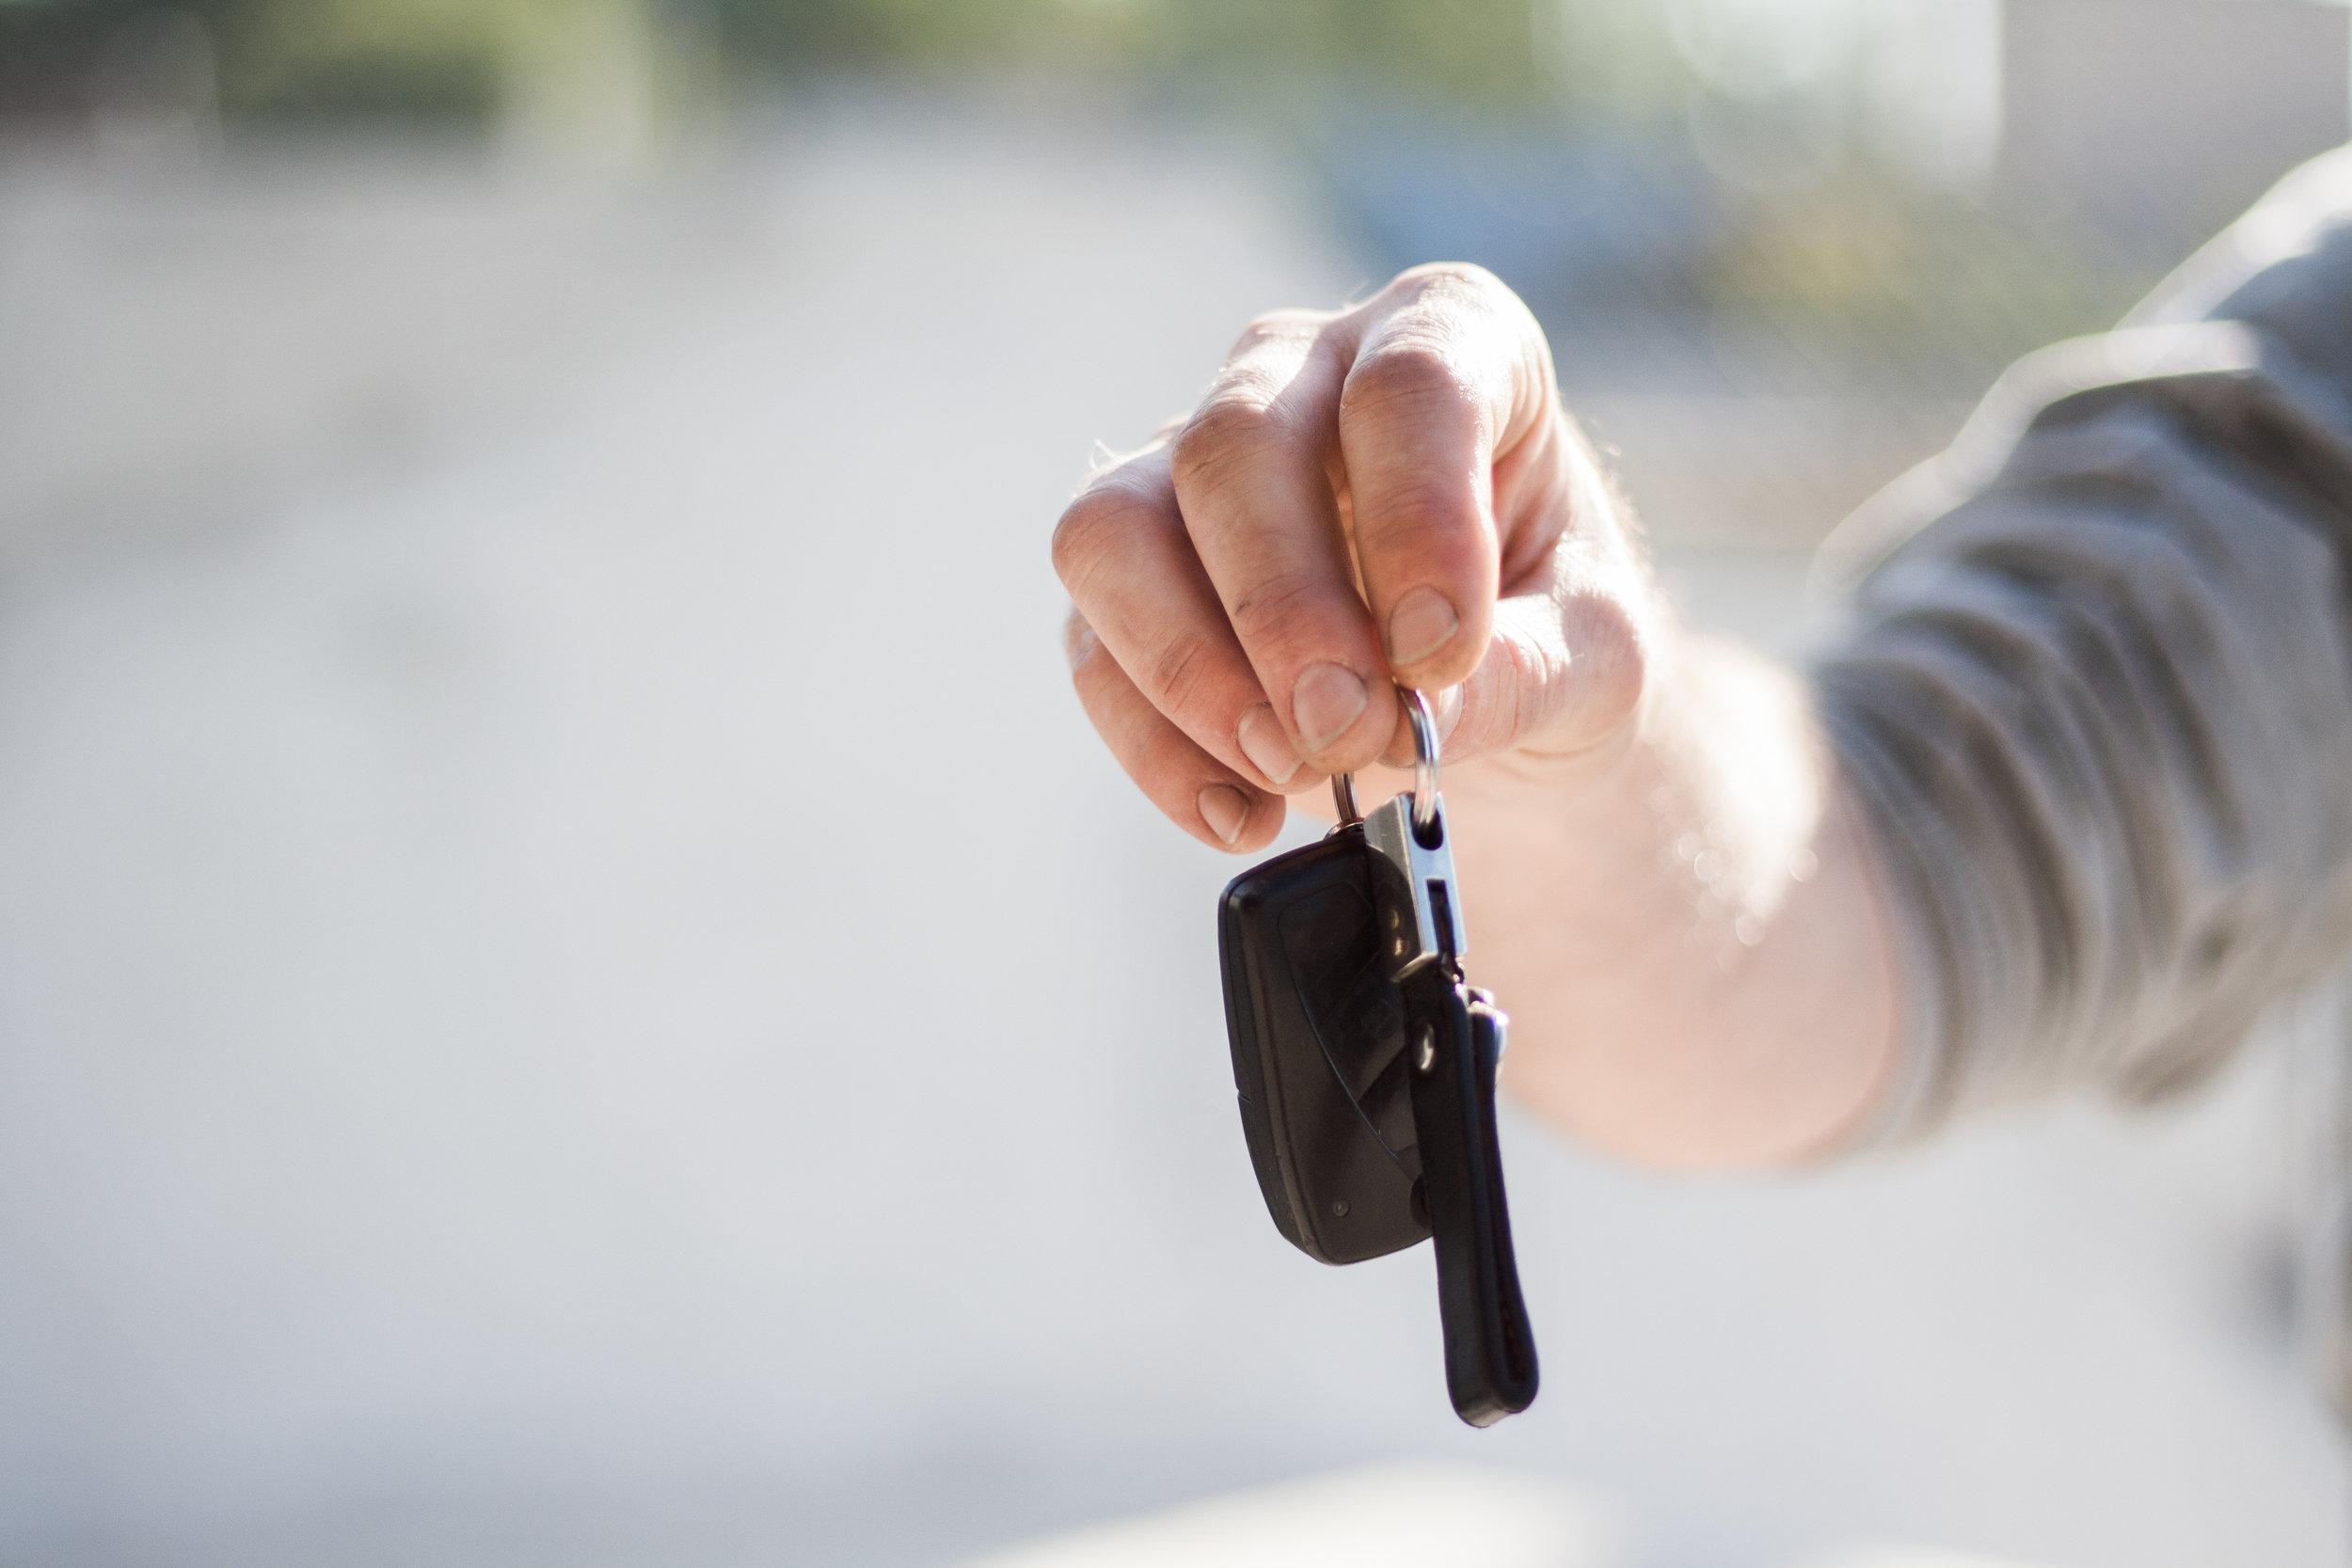 Car Dealership Fraud Lawyer Scam